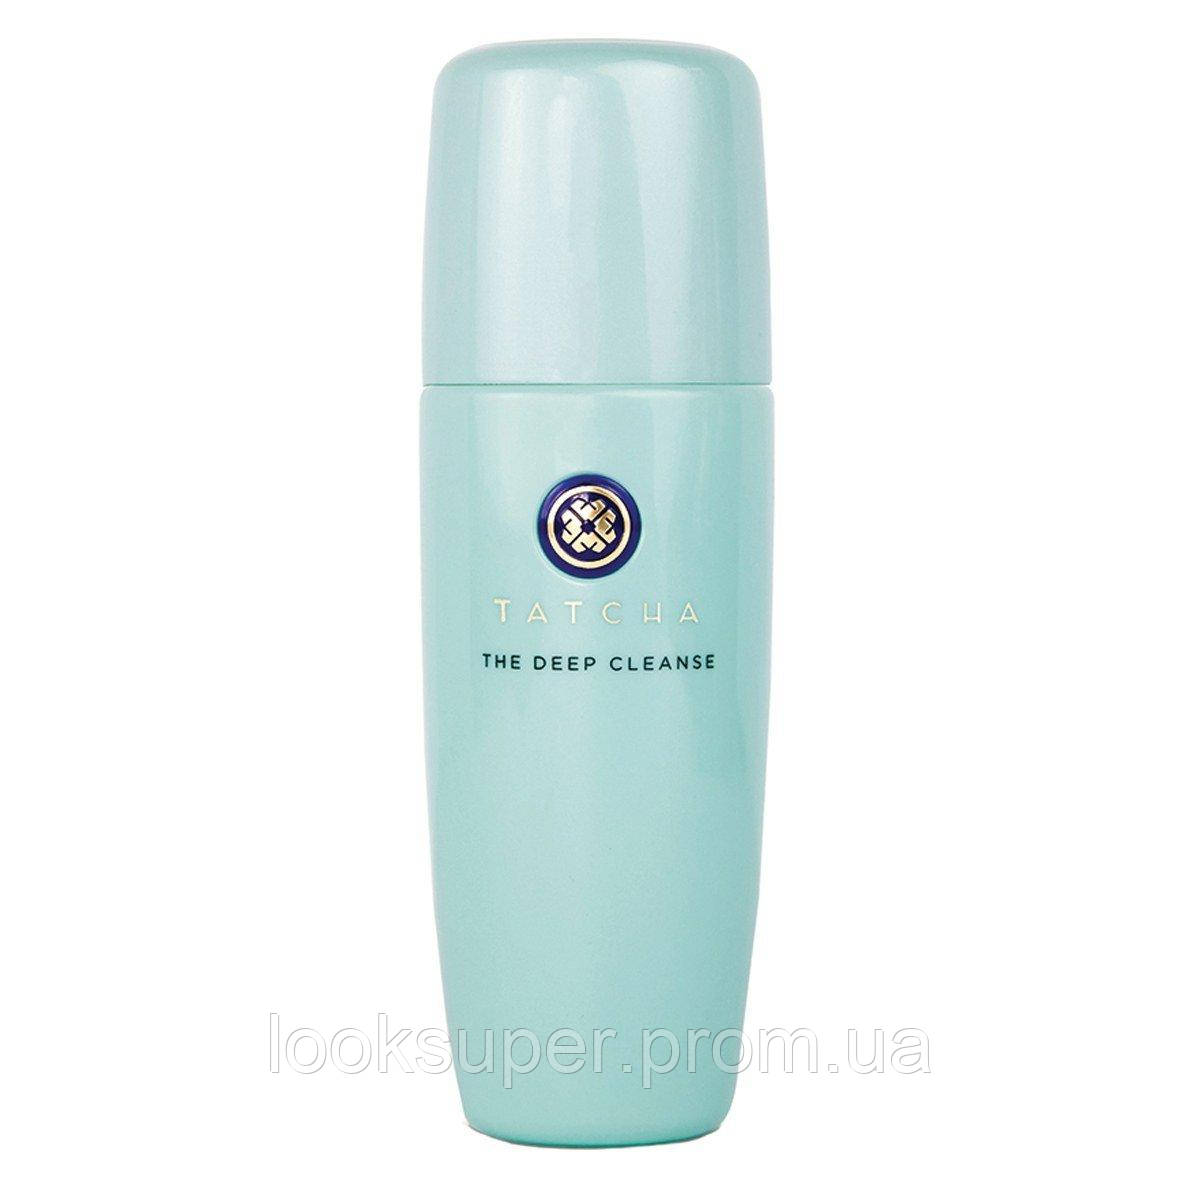 Без масляный гель для очищения кожи TATCHA The Deep Cleanse (147ml | 5oz)